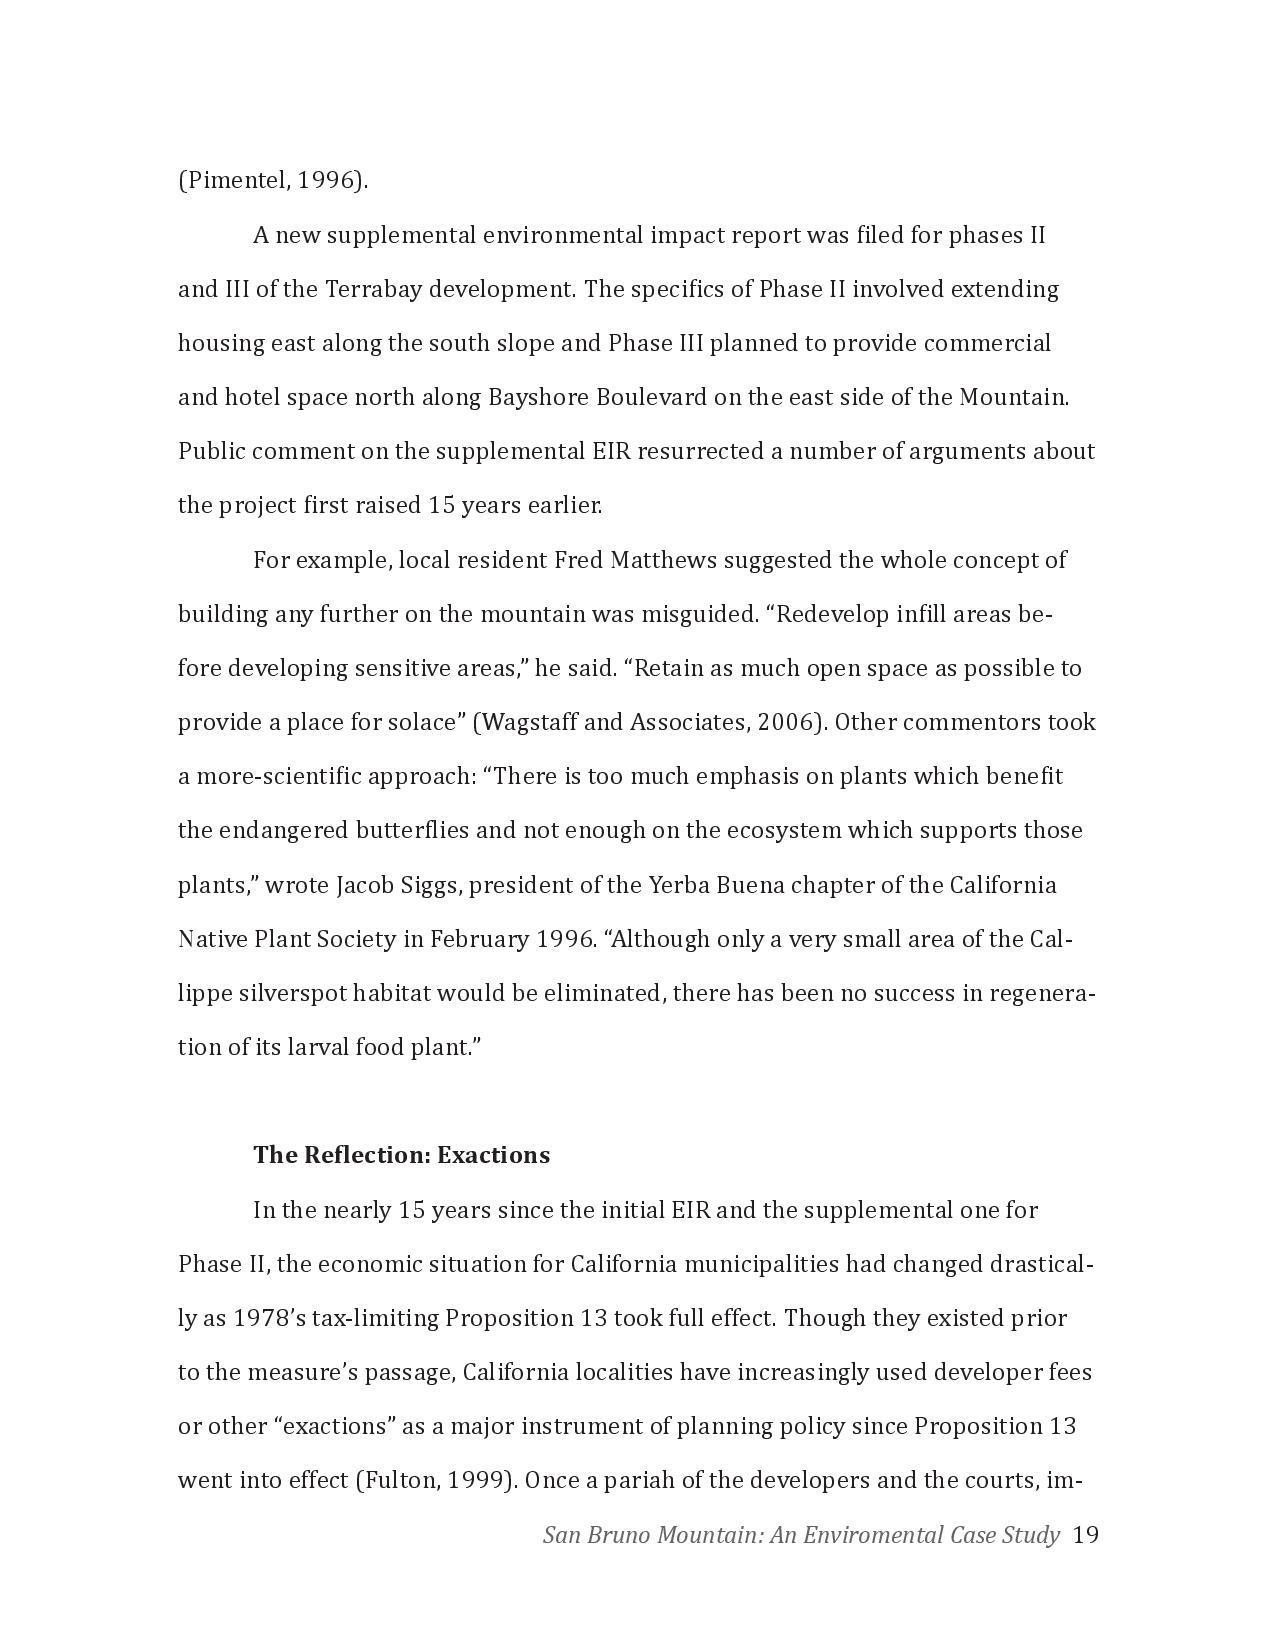 SBM An Environmental Case Study J Baker-page-019